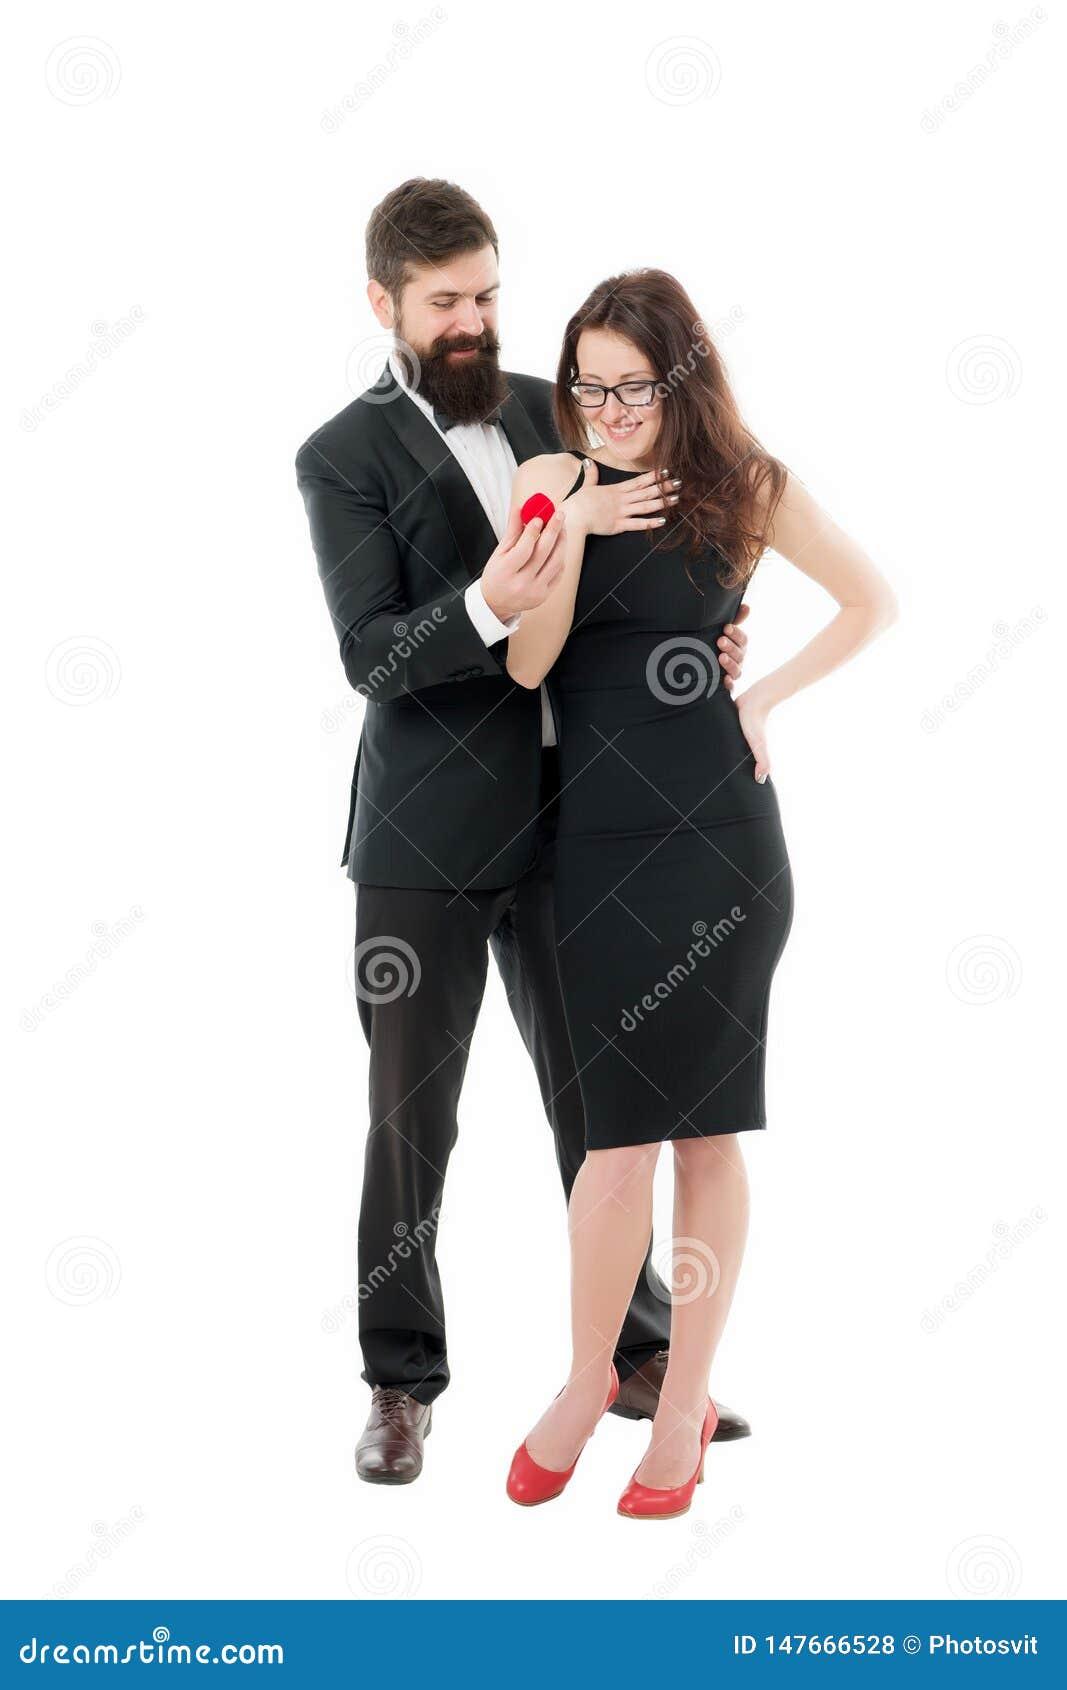 Hoop houdt zij van ring Voorstel van huwelijksconcept Rood het vakje van de mensengreep romantisch voorstel Zult u me huwen Ongev